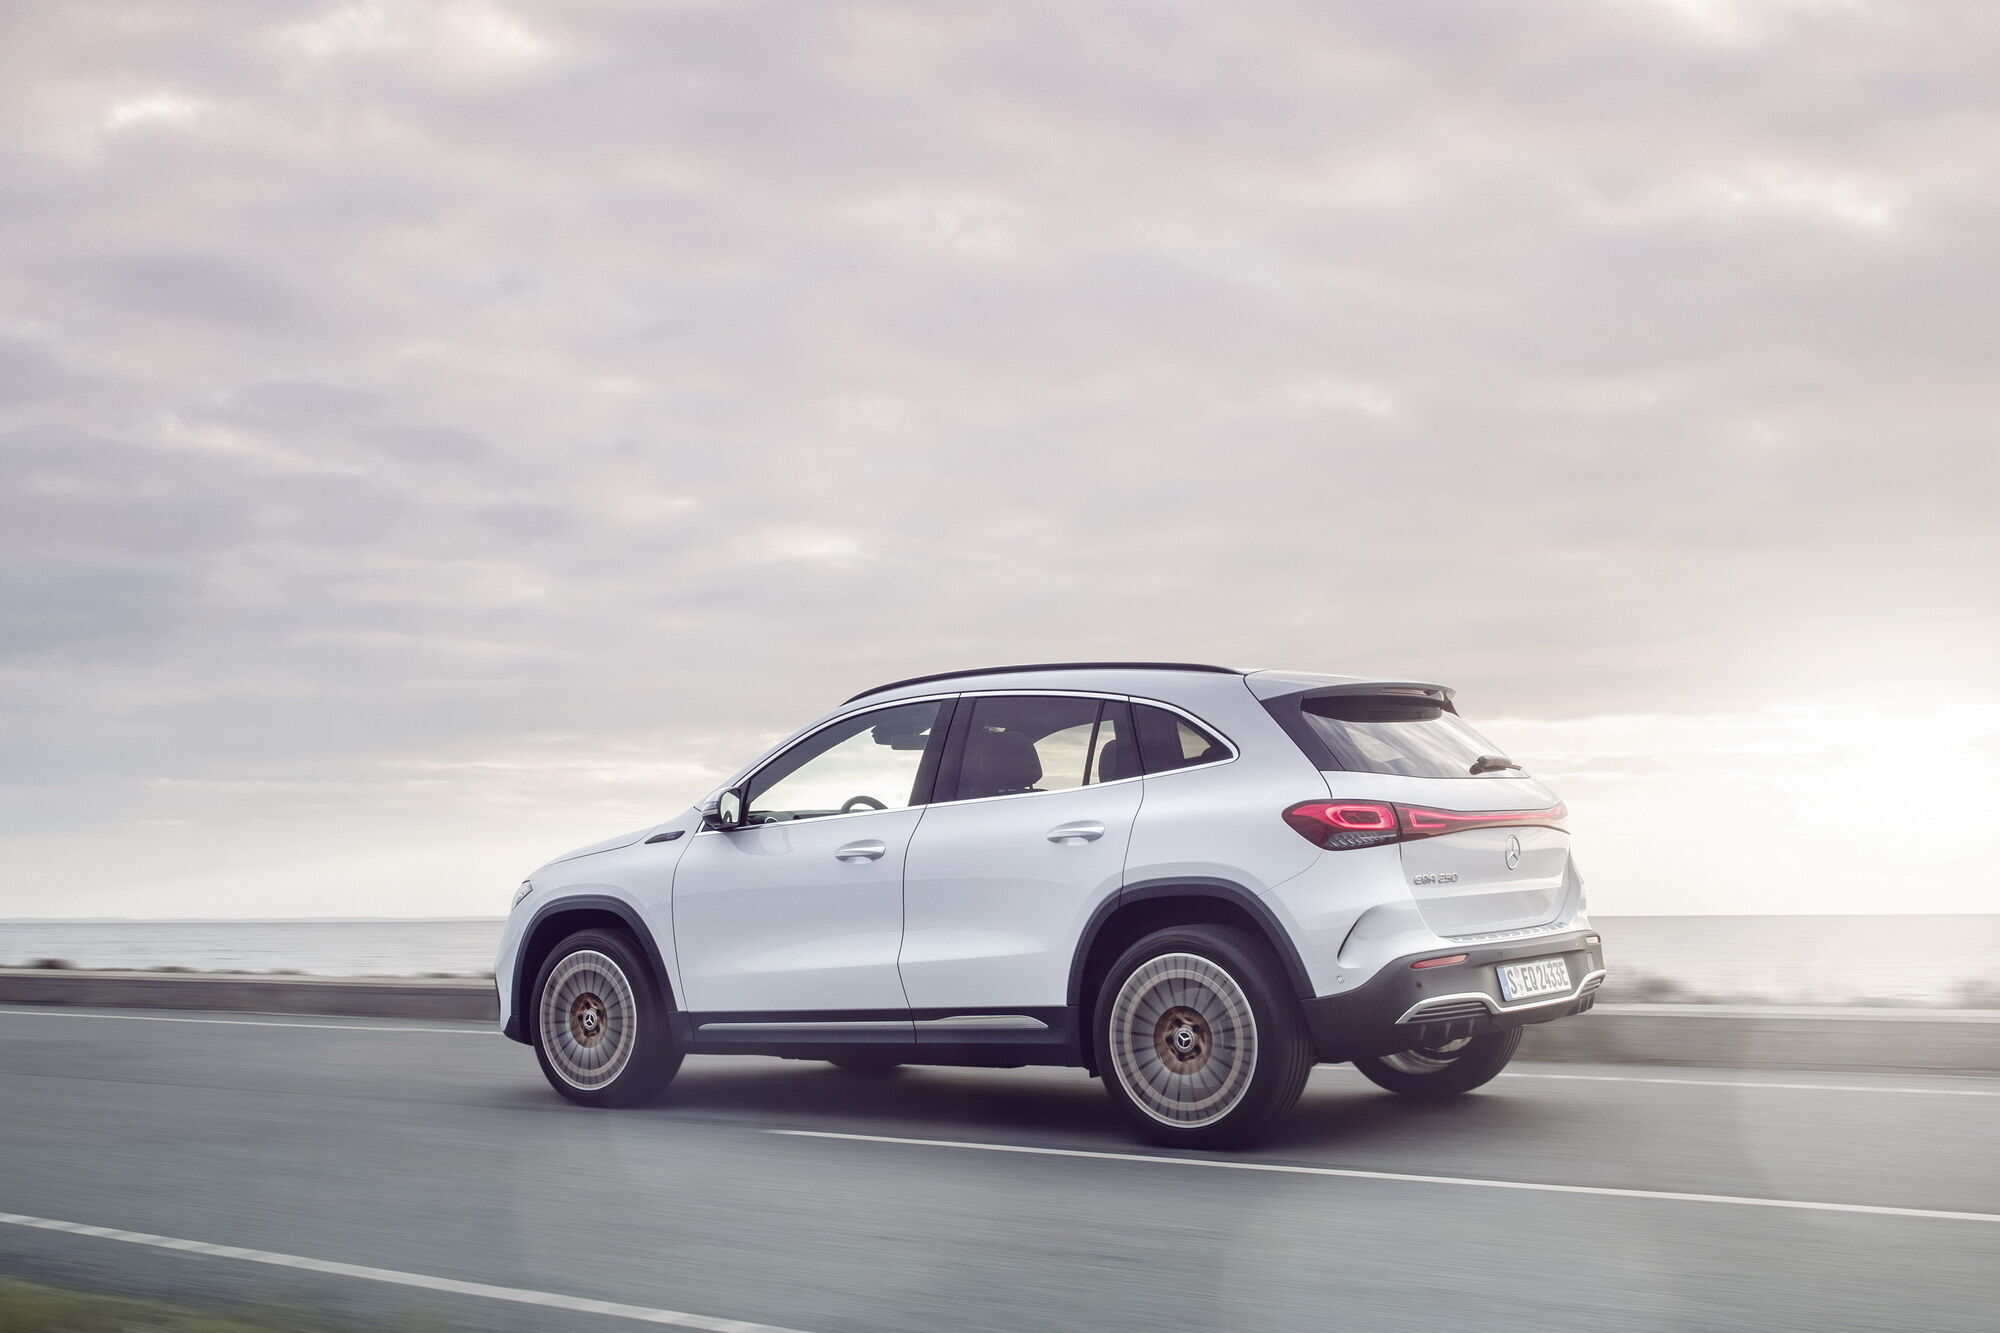 Автомобіль здатний долати на повністю зарядженій батареї до 426 км